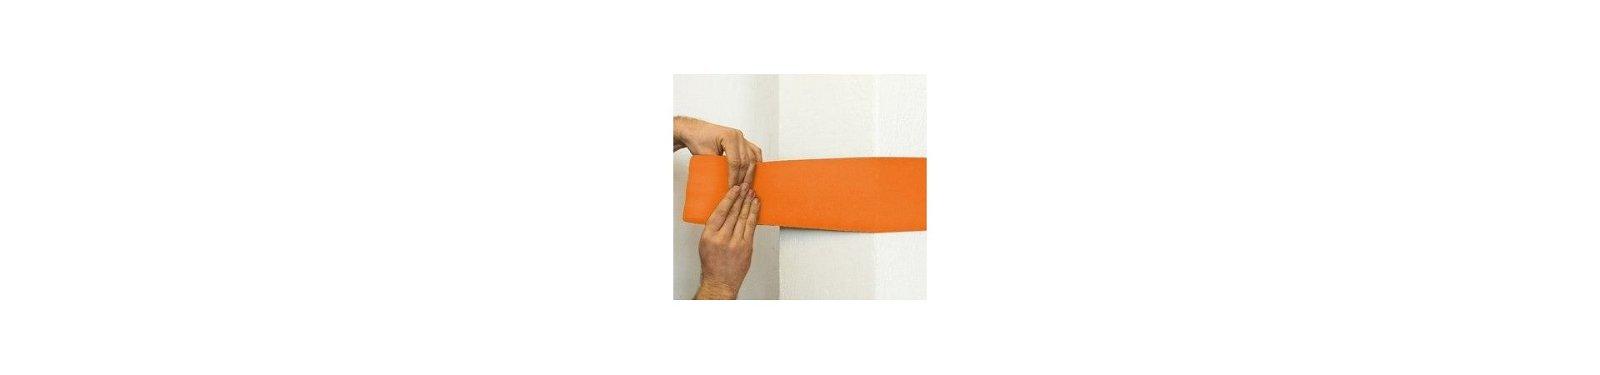 Ochrona ścian wewnętrznych w budynkach odbojnice i narożniki producent